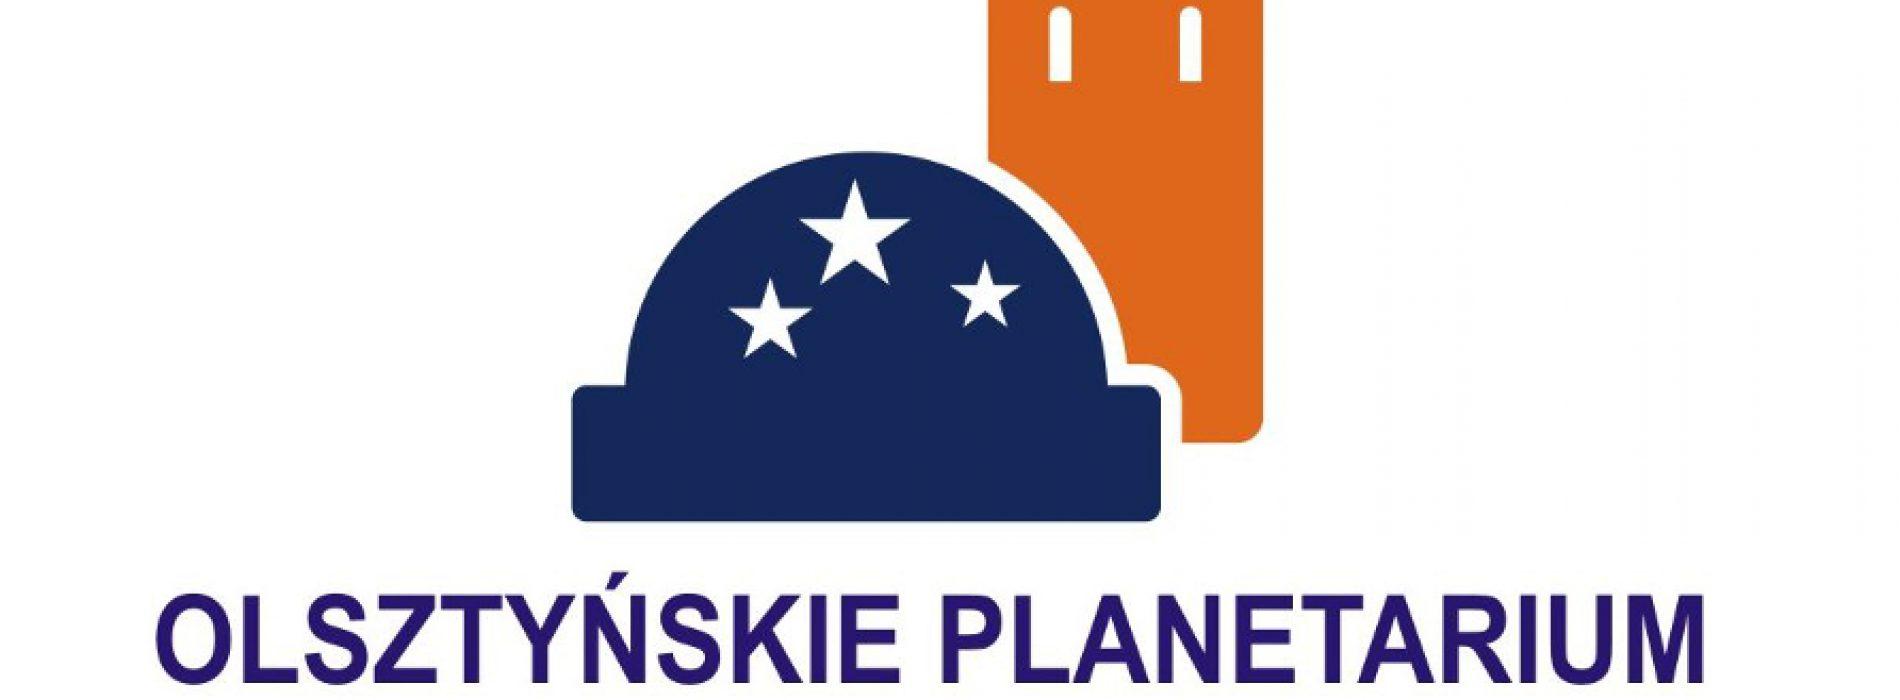 Olsztyńskie Planetarium i Obserwatorium Astronomiczne nagrodzone prestiżowym certyfikatem